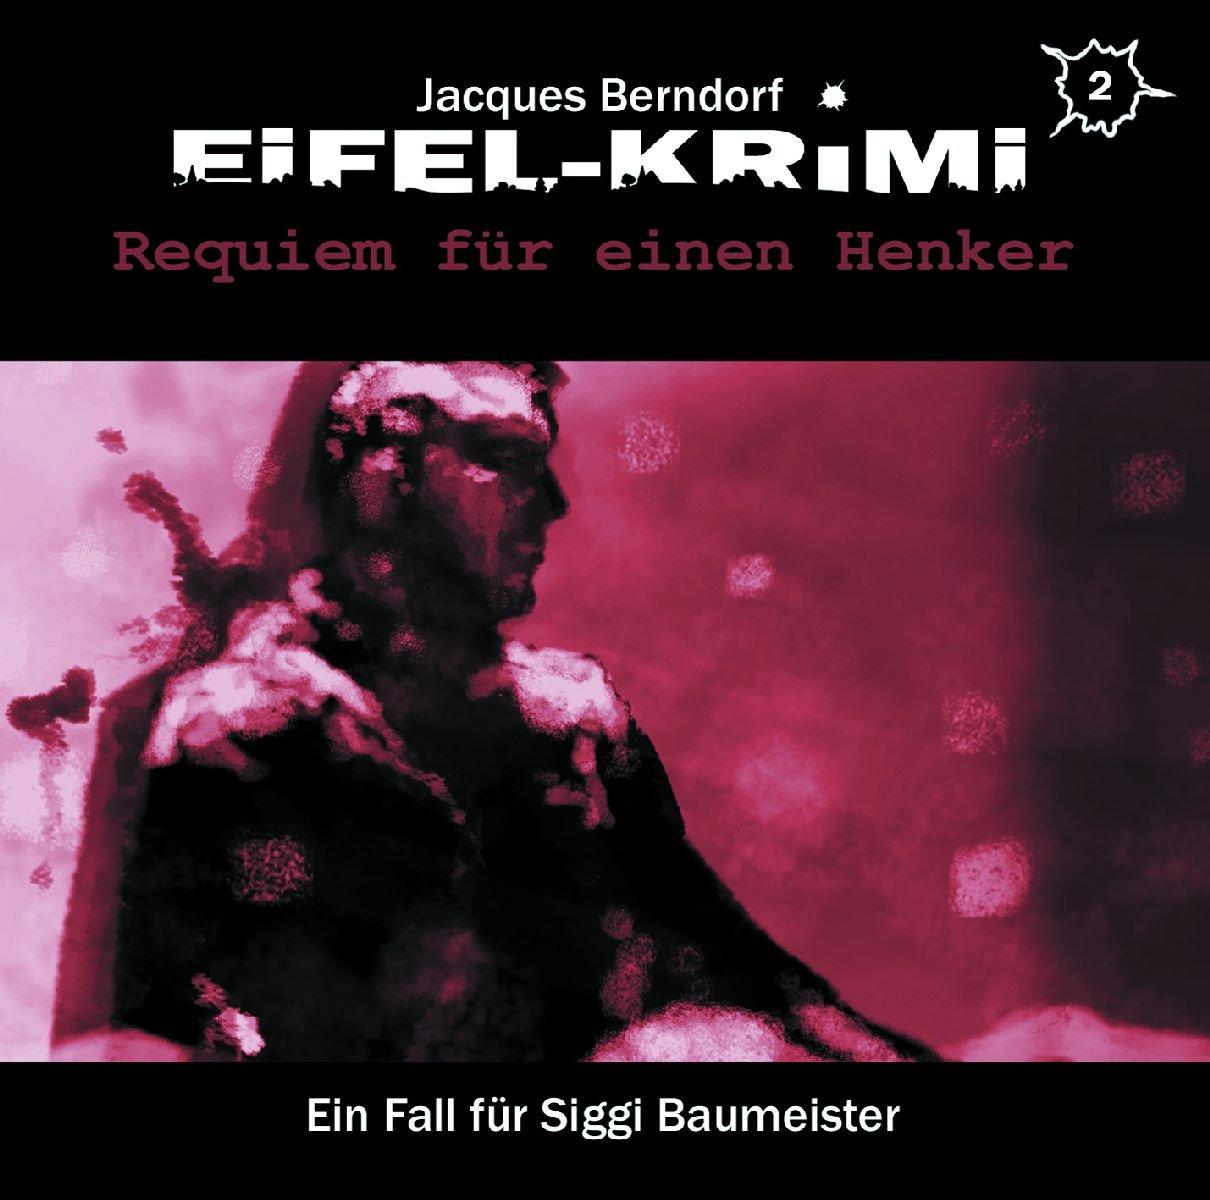 Eifel-Krimi (2) Requiem für einen Henker - Winterzeit 2017